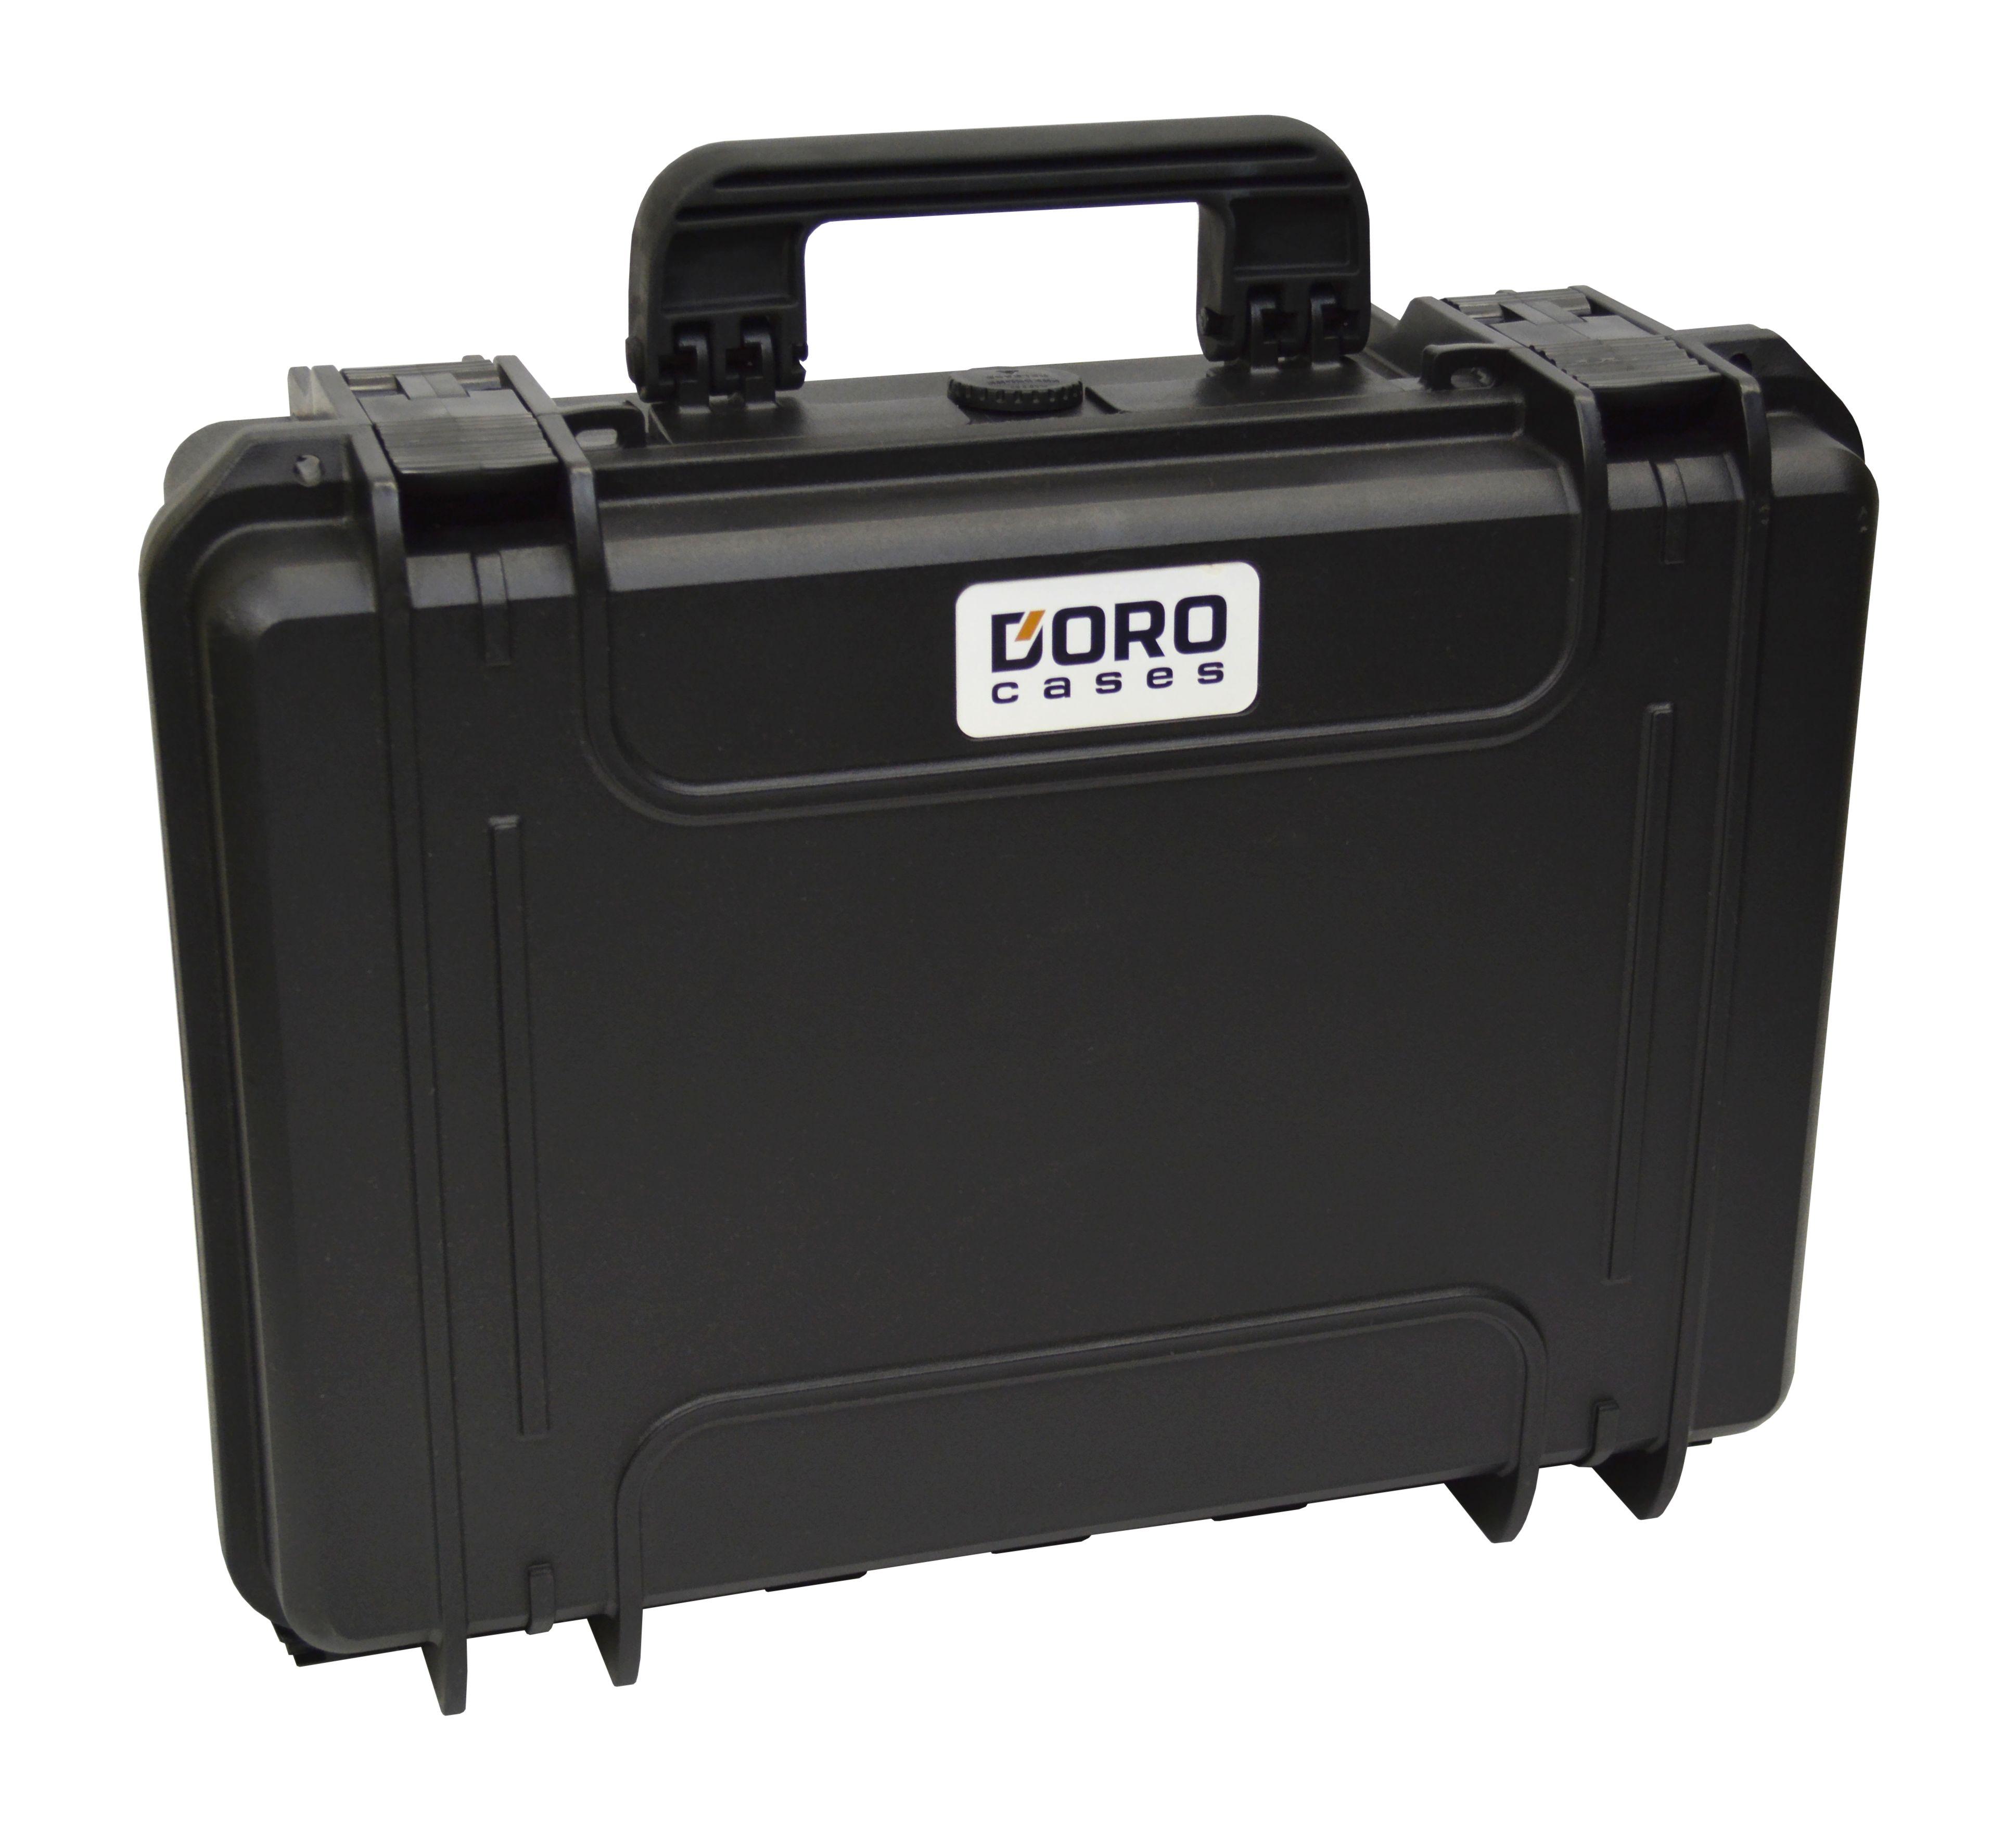 AG-D16116-0518PGD in DORO D1611-6 Case